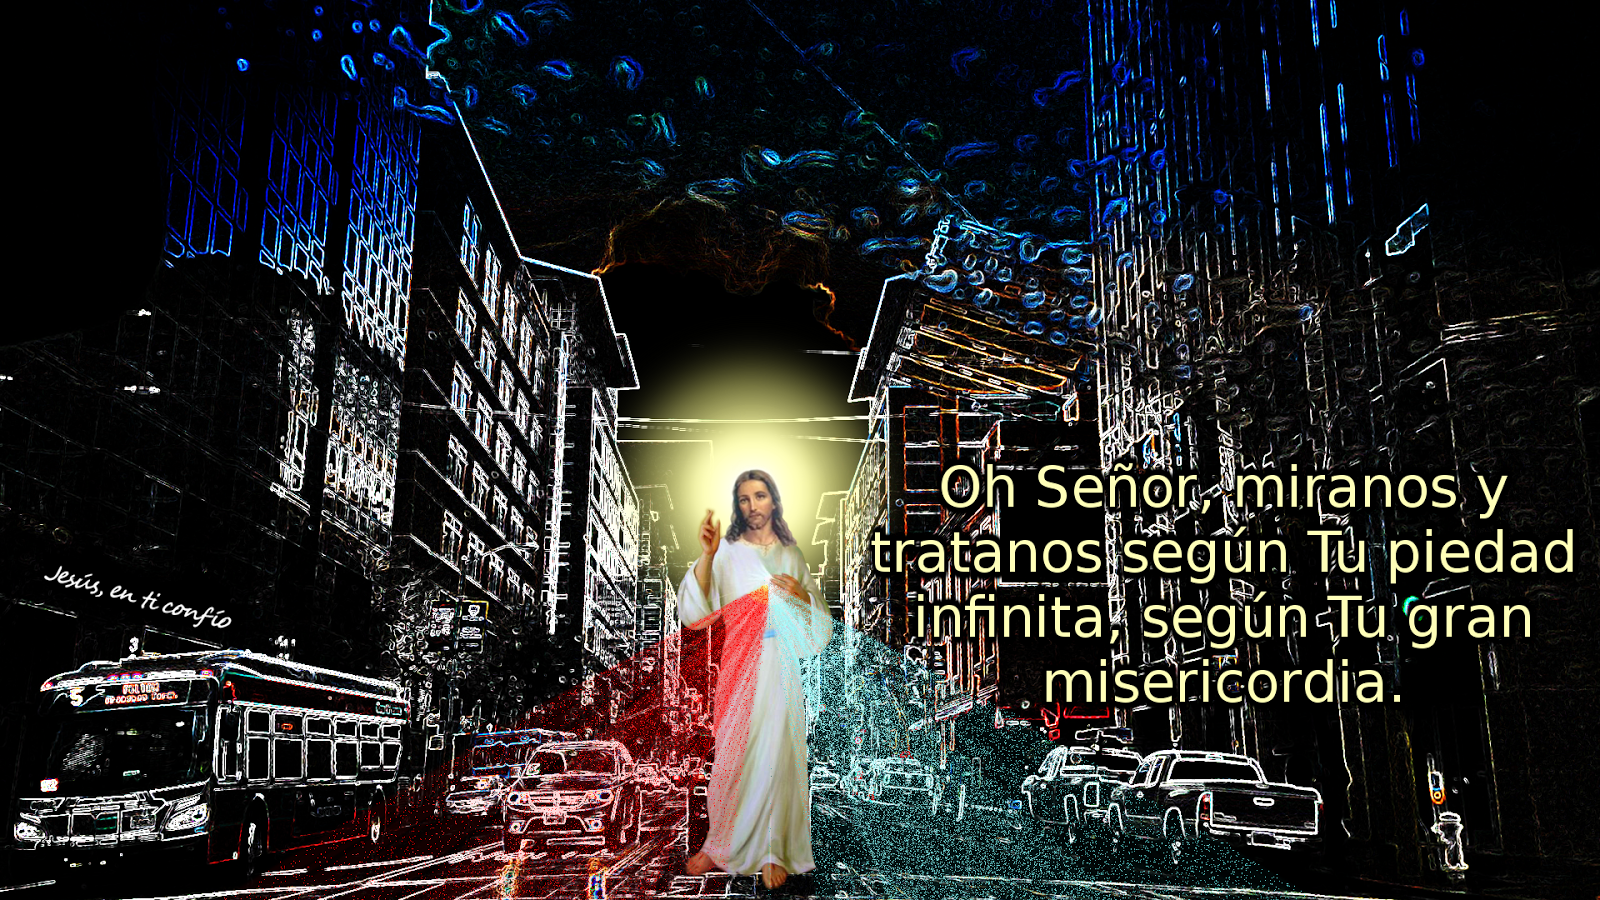 divina misericordia en la ciudad